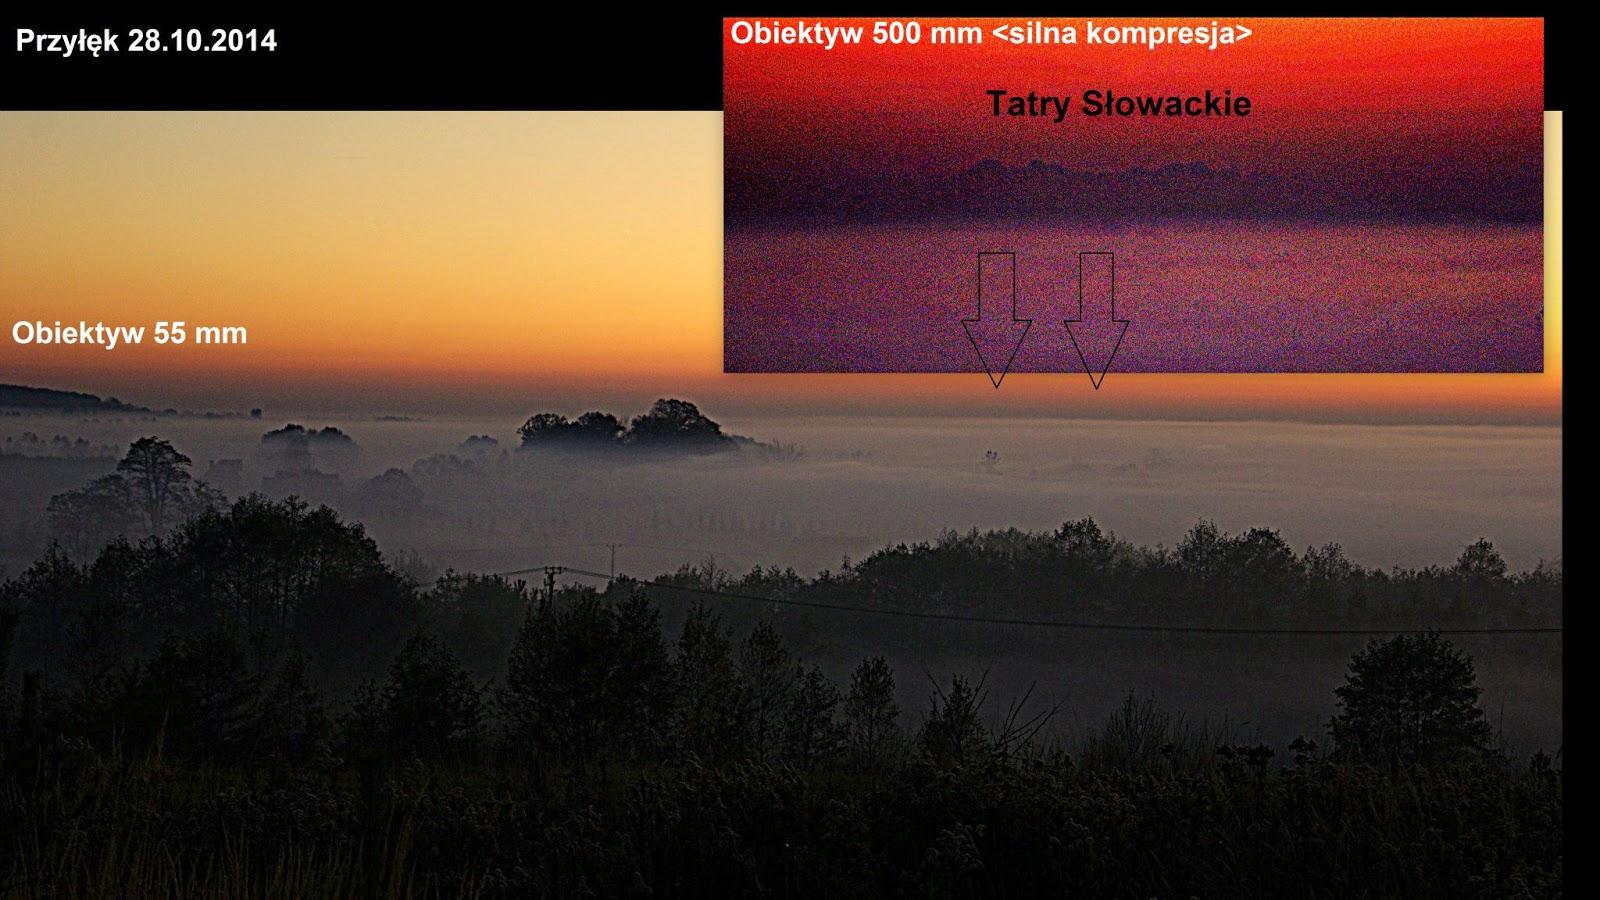 Widok na Tatry z Przyłęka, Kolbuszowa, dalekie obserwacje, Płaskowyż Kolbuszowski, Puszcza Sandomierska